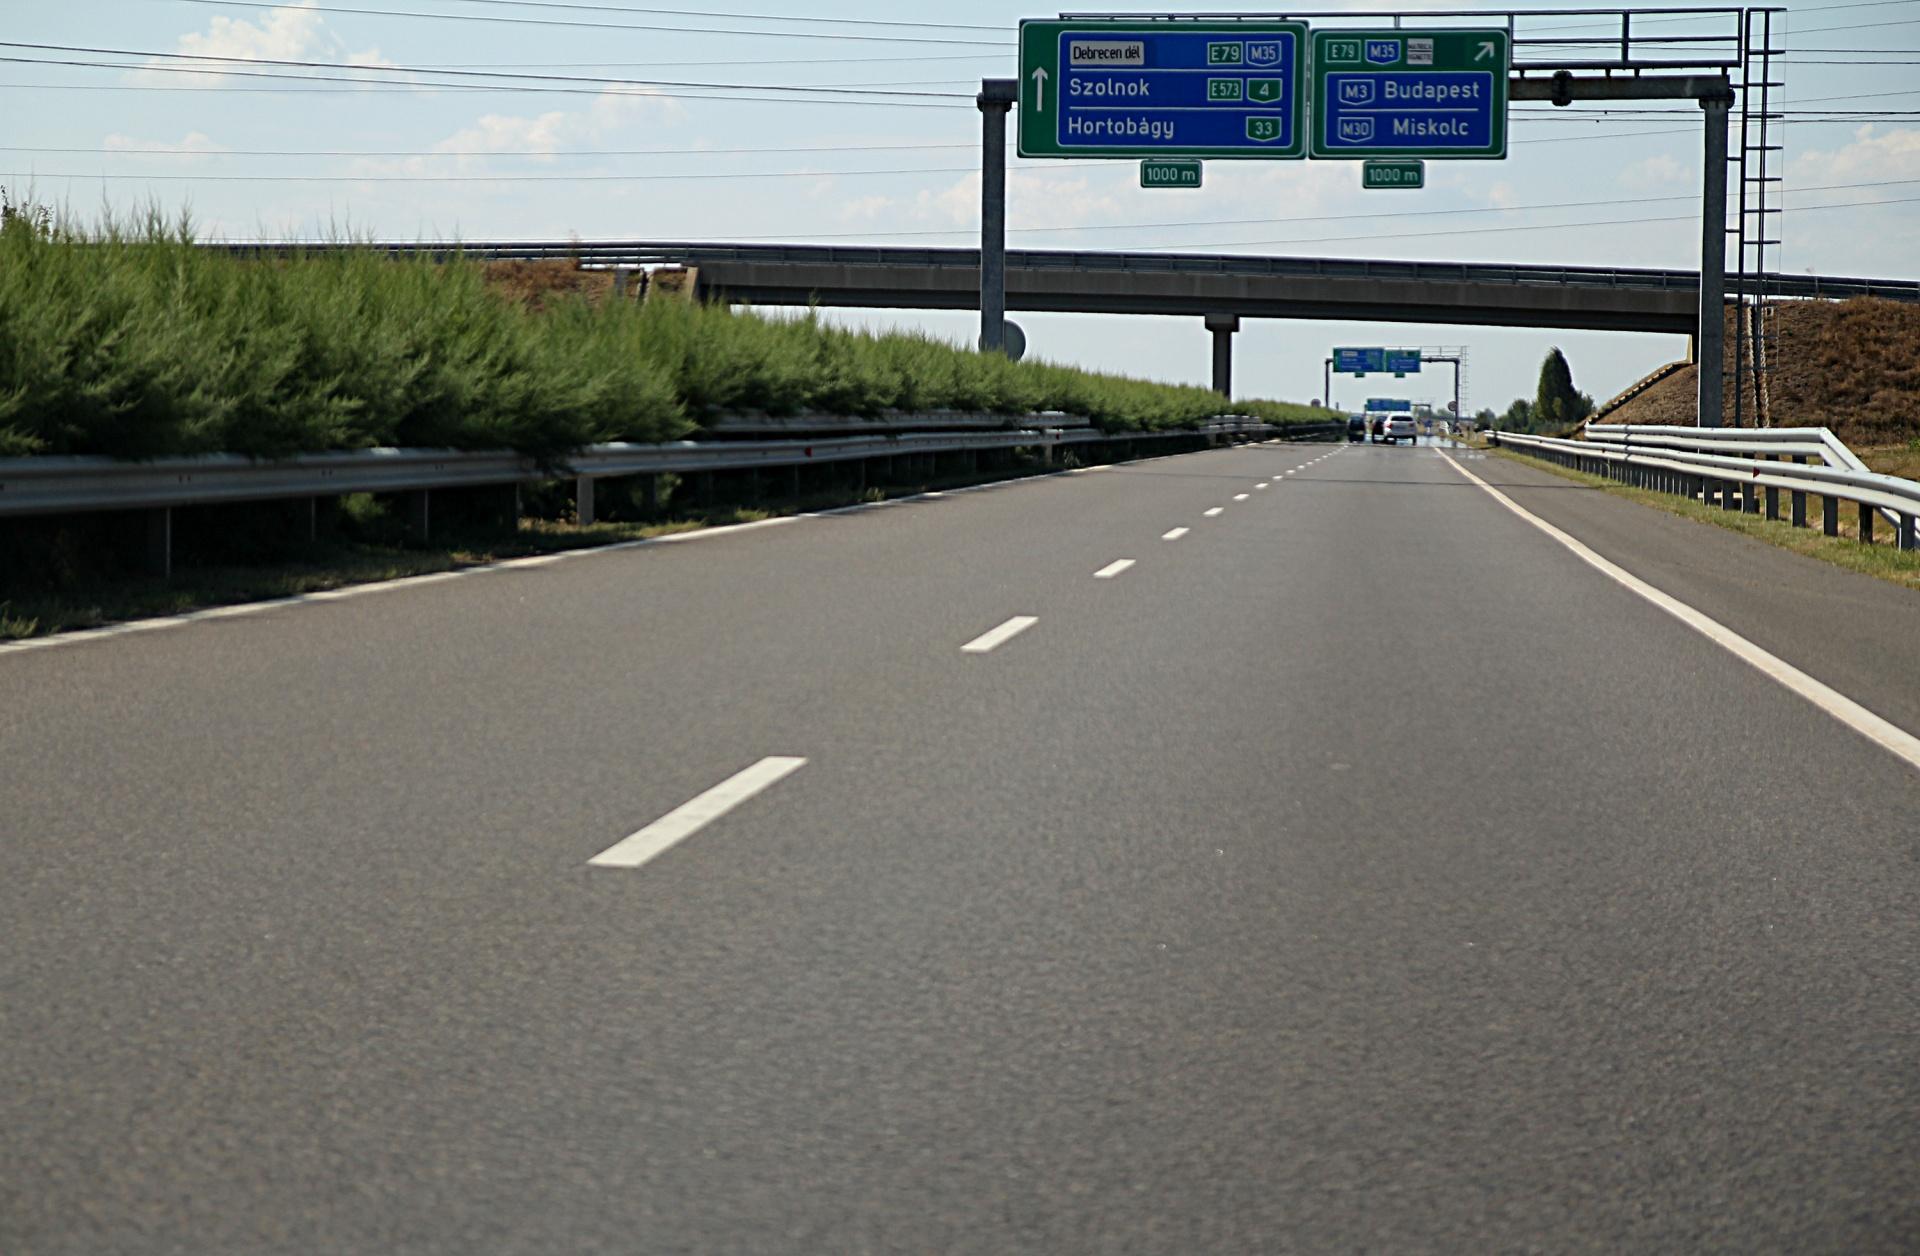 4 es főút debrecen elkerülő térkép Colas Út 4 es főút debrecen elkerülő térkép